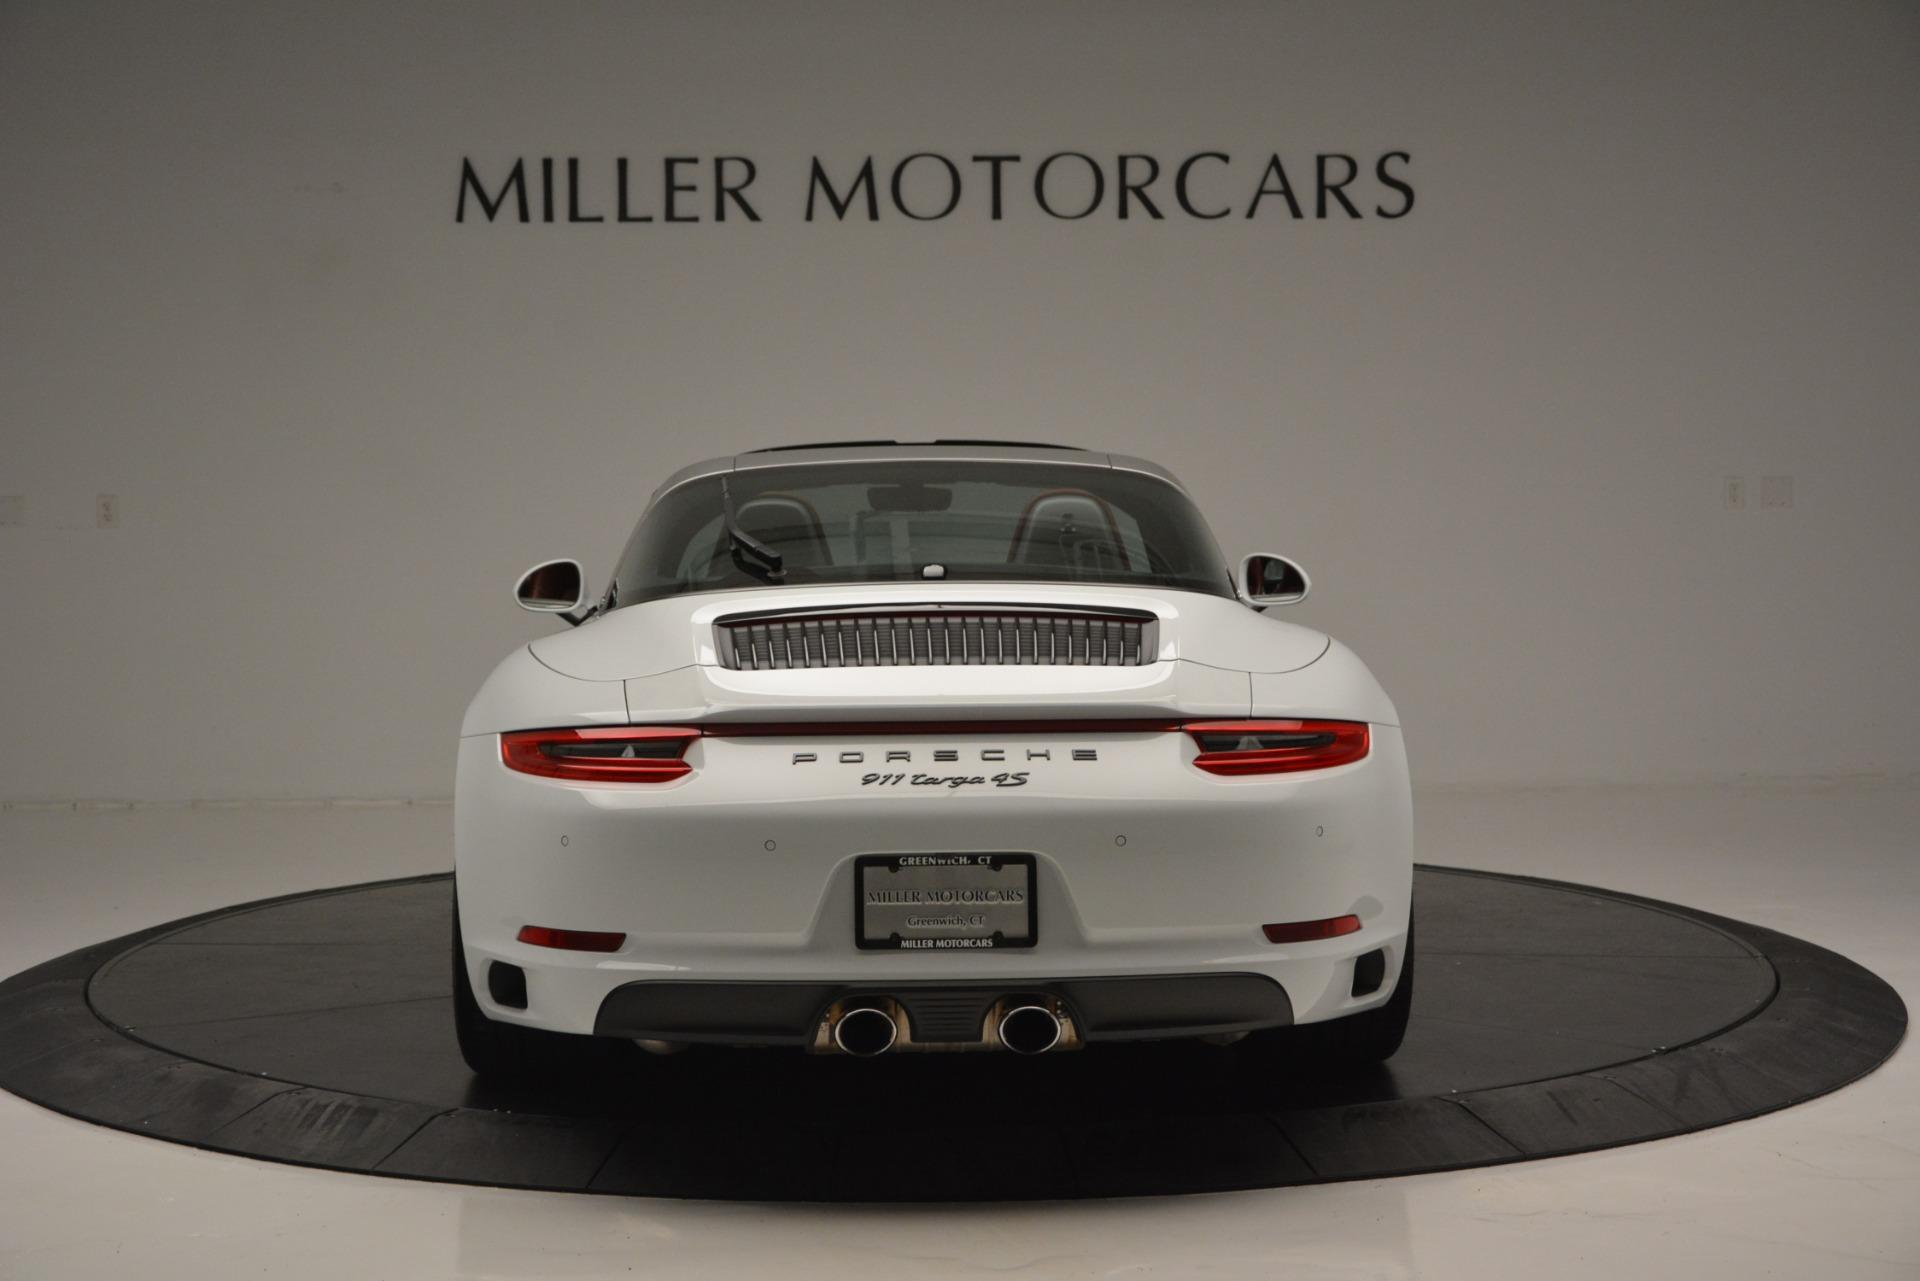 Used 2017 Porsche 911 Targa 4S For Sale In Greenwich, CT. Alfa Romeo of Greenwich, 7433 2593_p5